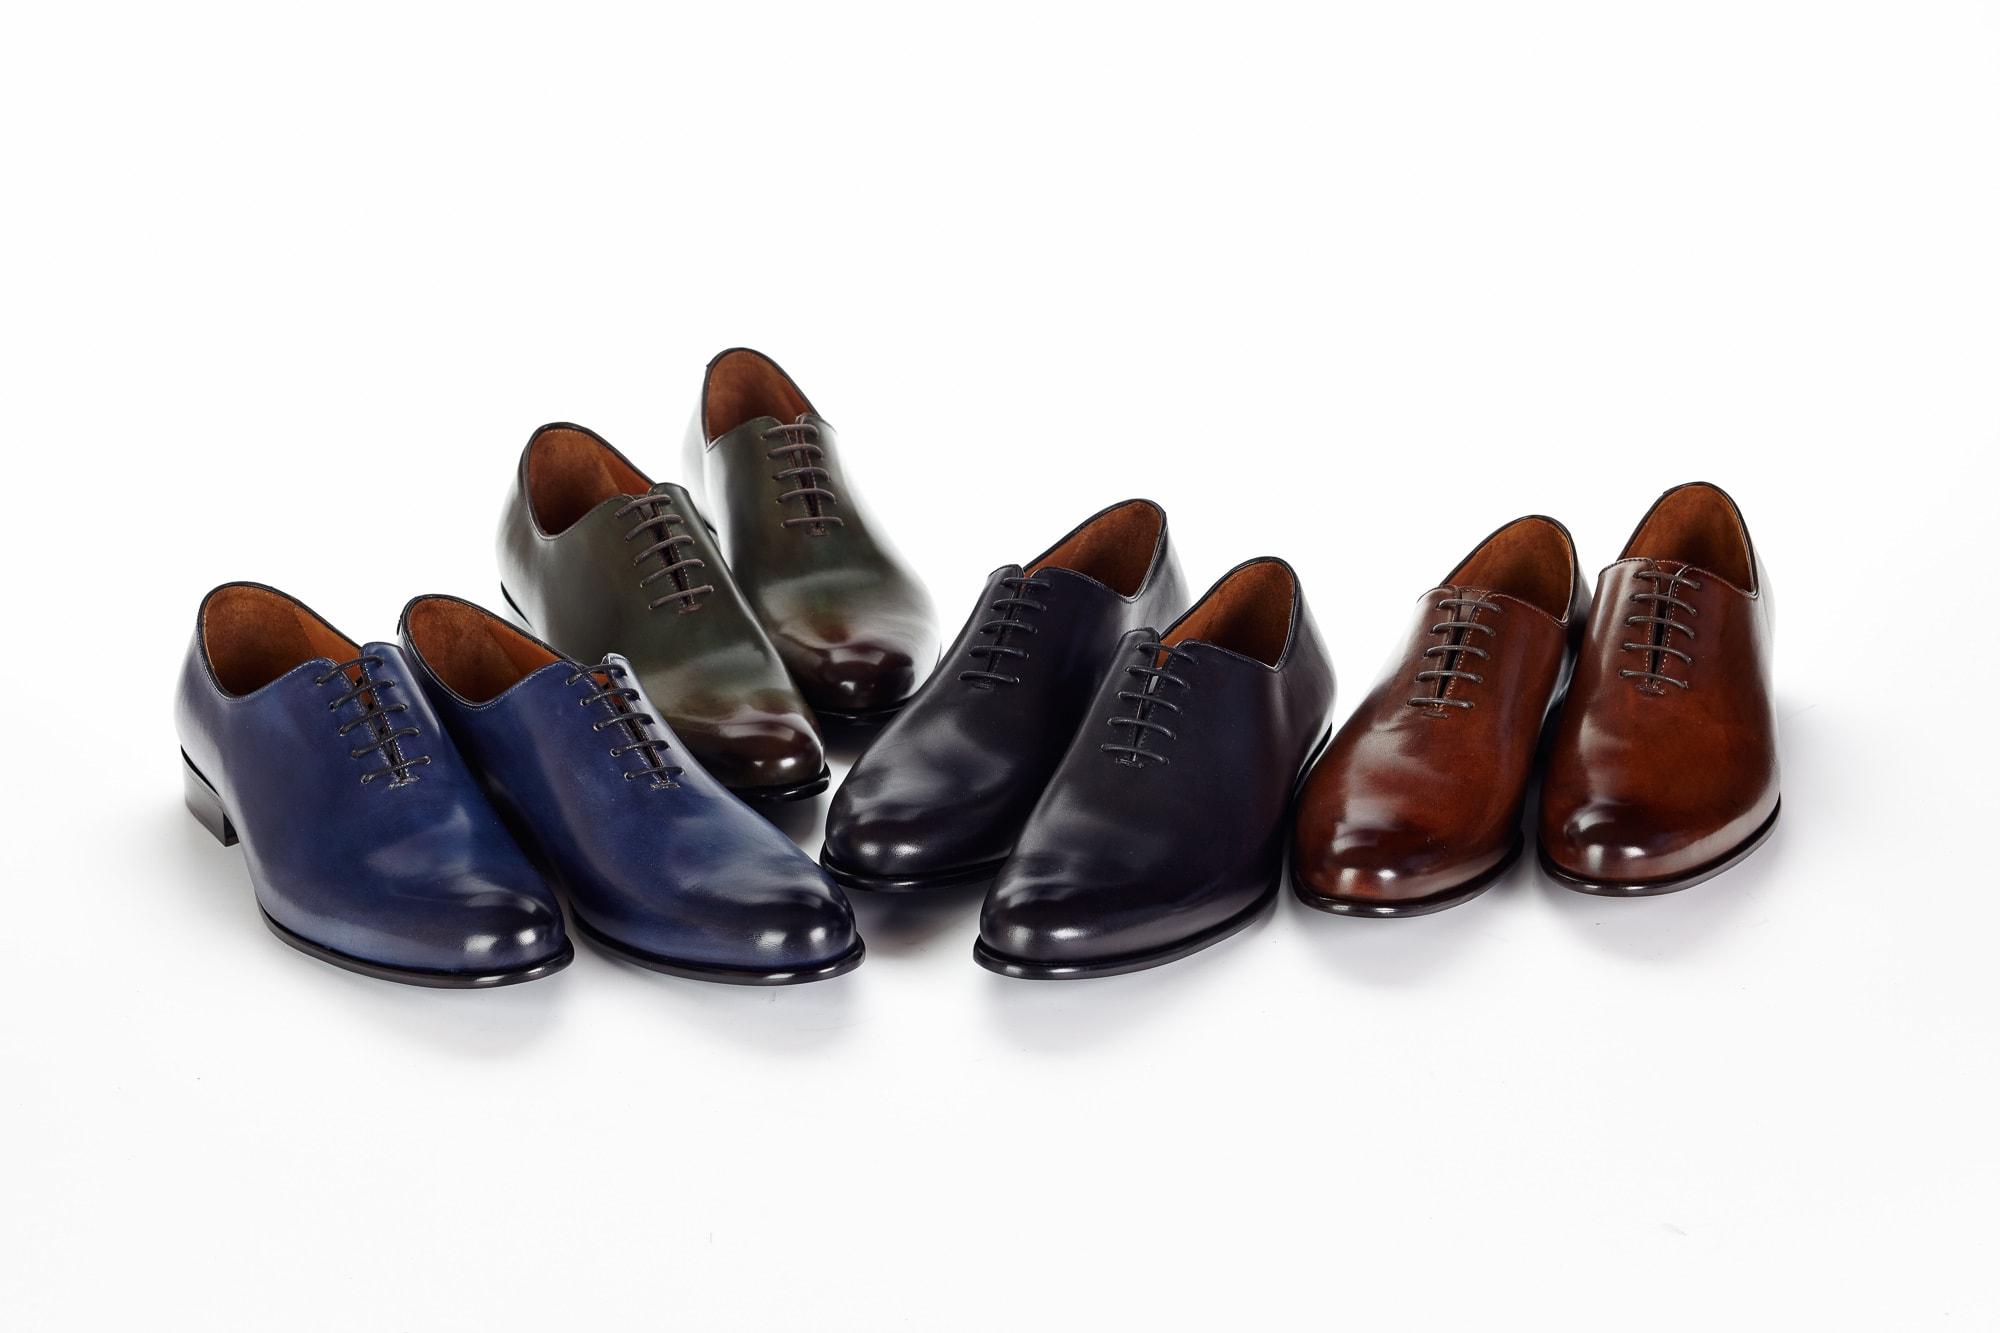 Paul Evan Shoes S/S 14